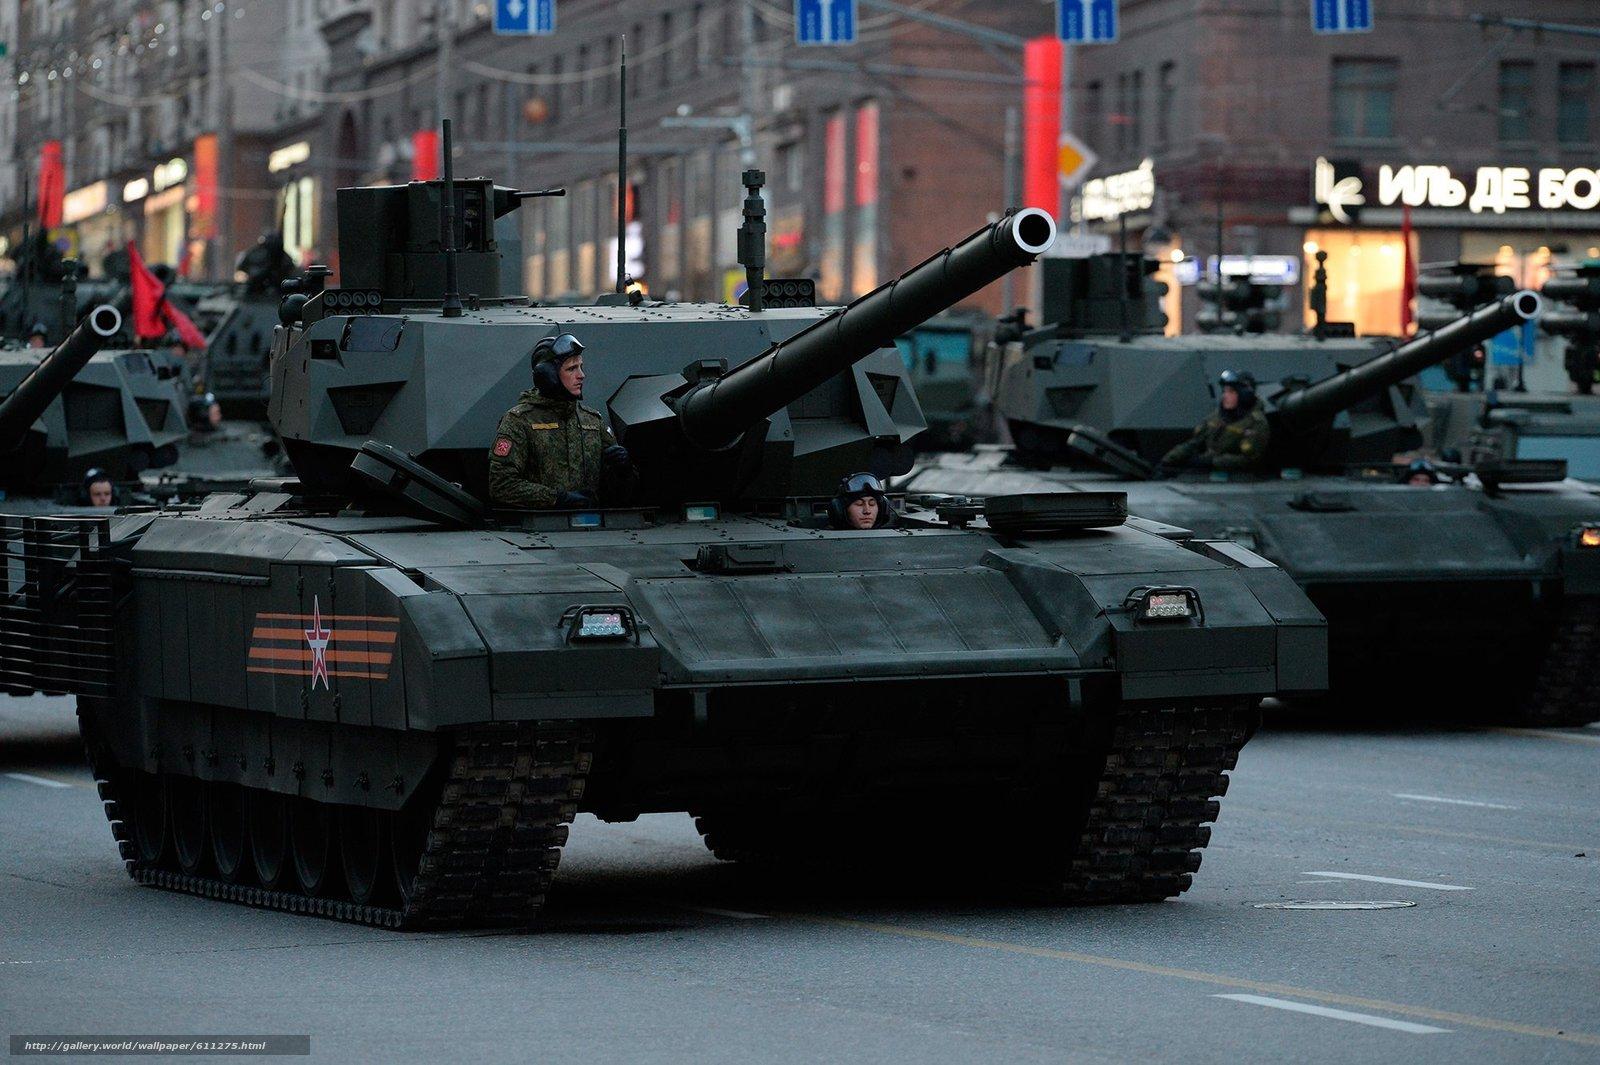 Скачать на телефон обои фото картинку на тему танк, армата, т-14, бронетехника, оружие, армия, разширение 2000x1331